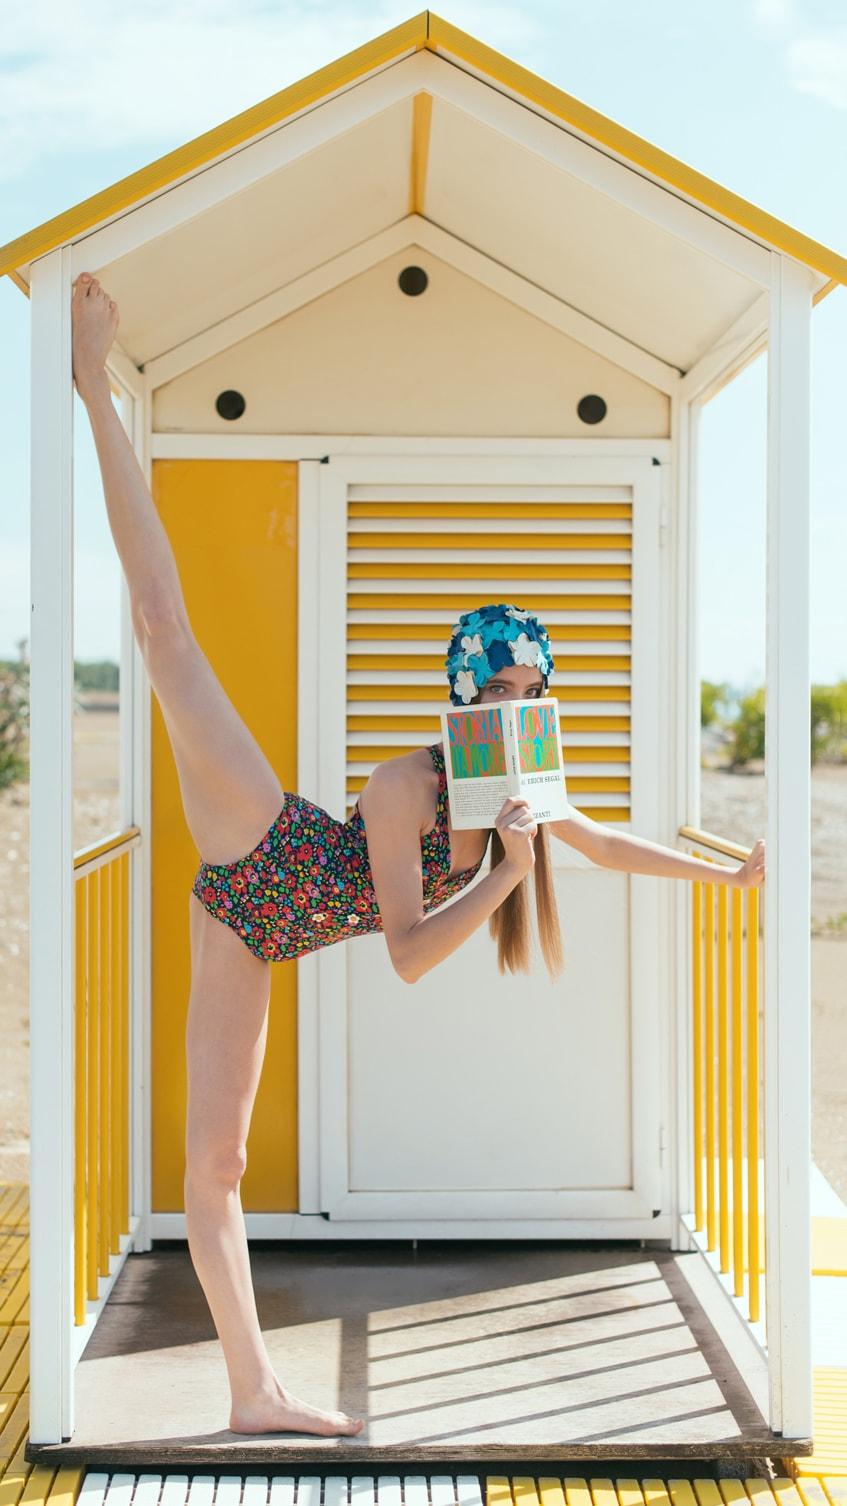 lazzari catalogo estate 2014